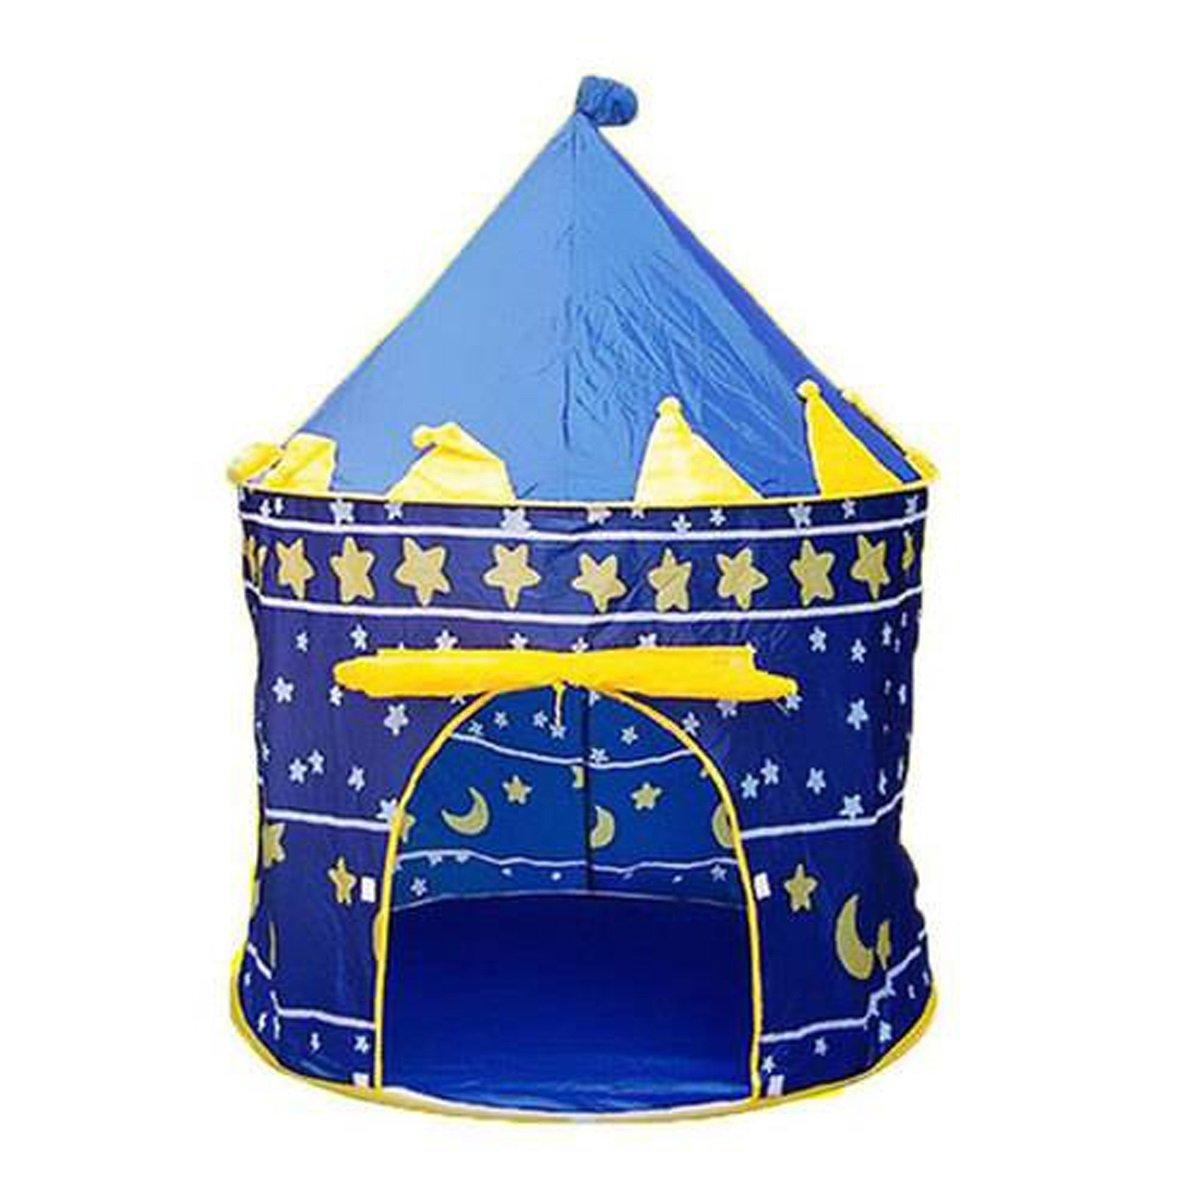 el mas de moda Reducción de precio LIAN Tienda de de de Juegos para Niños Portable Plegable Kids Blue Castle Indoor and Outdoor Cubby Play House (41.33 x 41.33 x 53.15 Pulgadas Embalaje de 1)  tienda hace compras y ventas